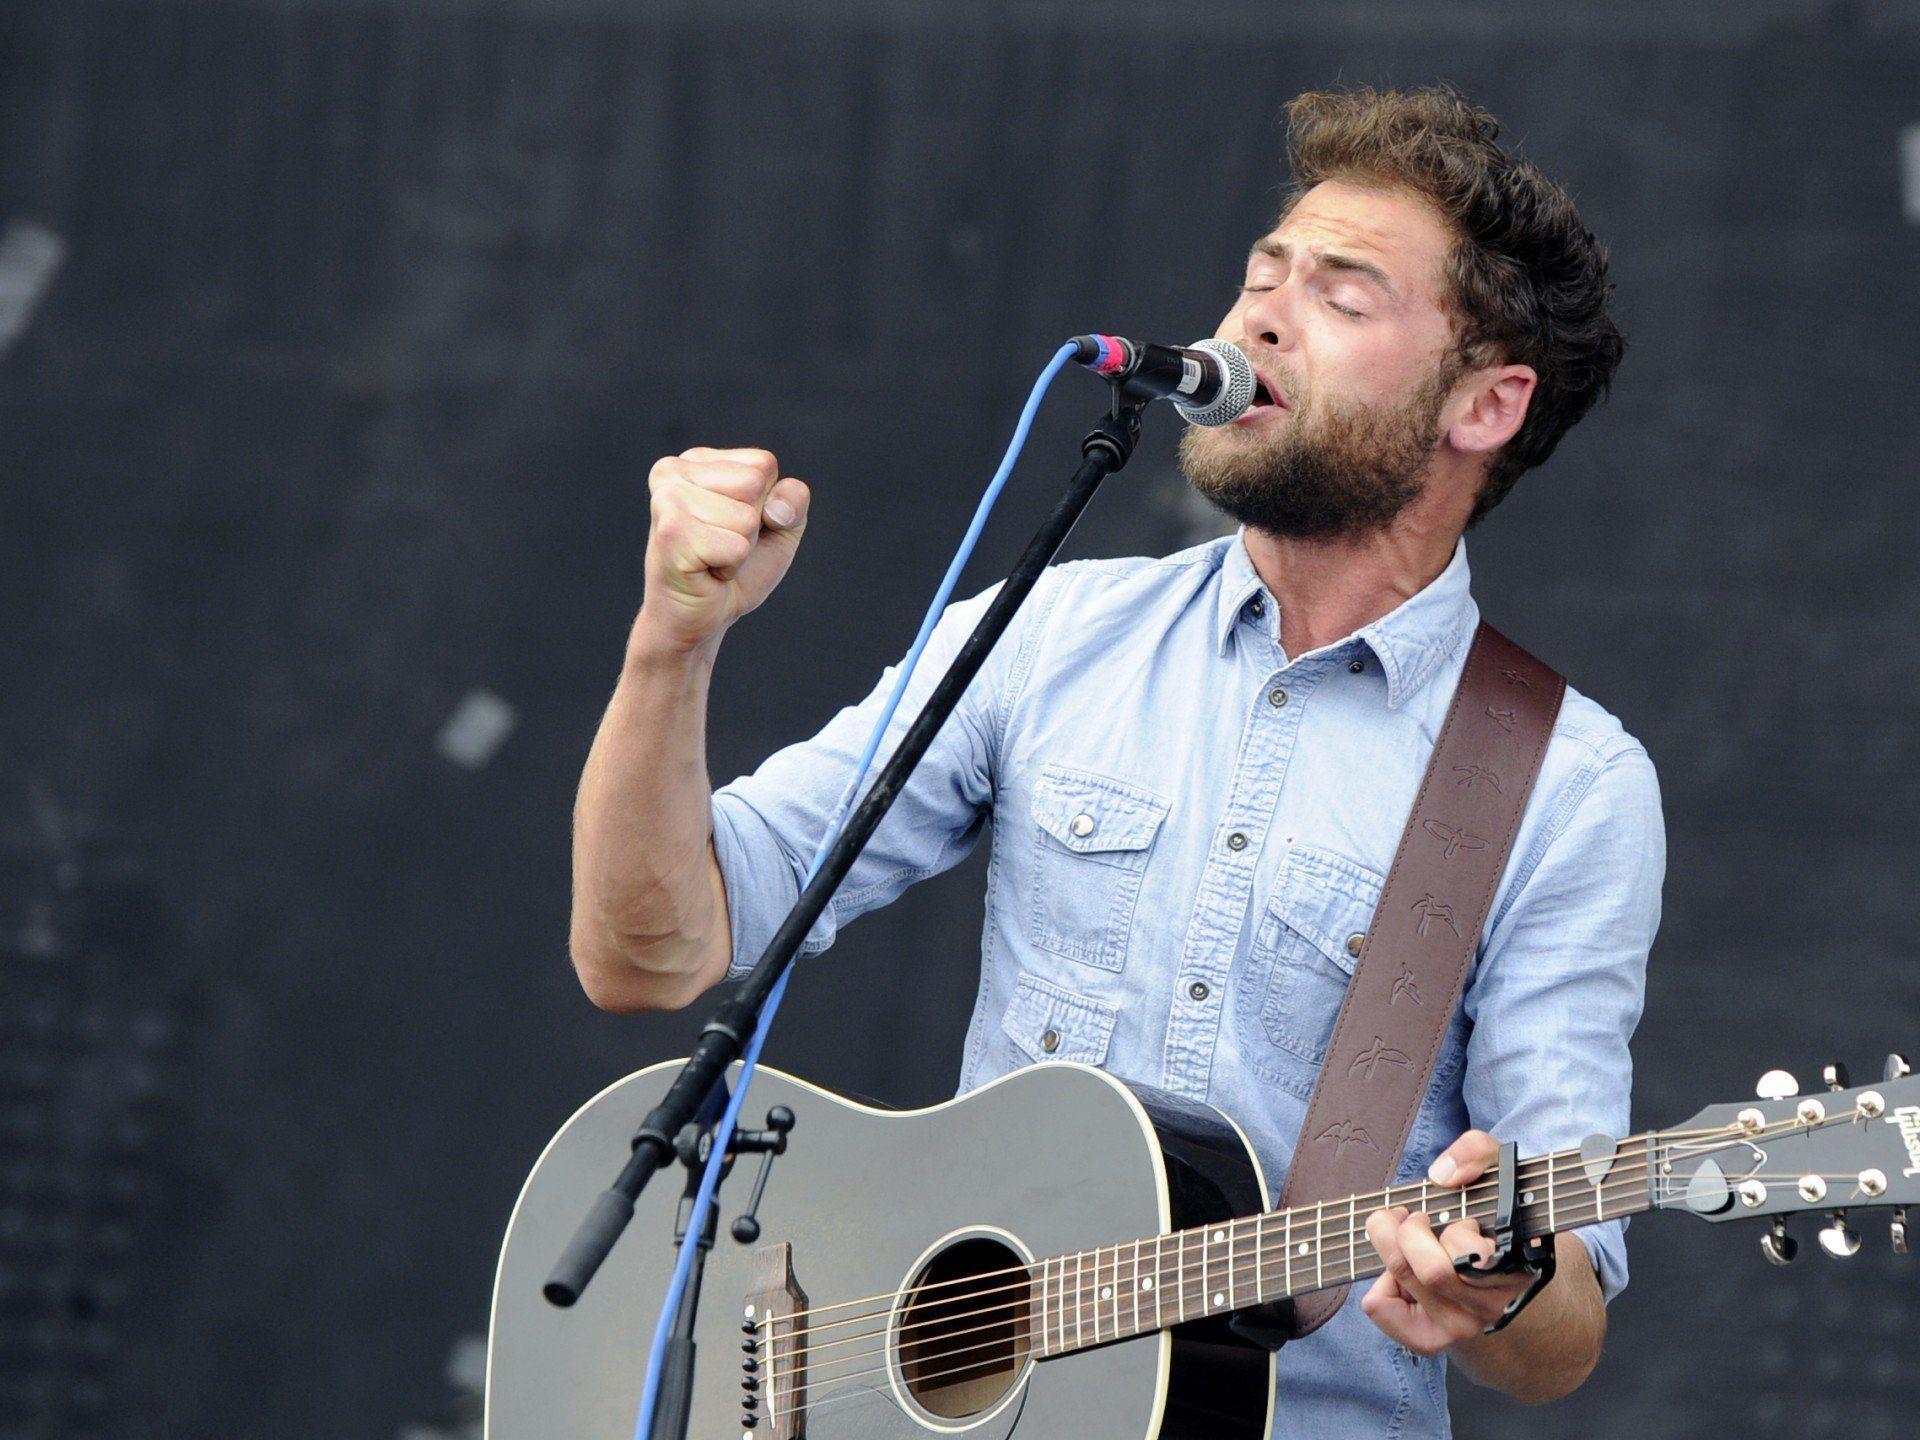 """Der britische Sänger Mike Rosenberg (Passenger) während eines Konzertes auf der """"Blue Stage"""" Bühne im Rahmen des """"Nova Rock 2013"""" Festivals"""